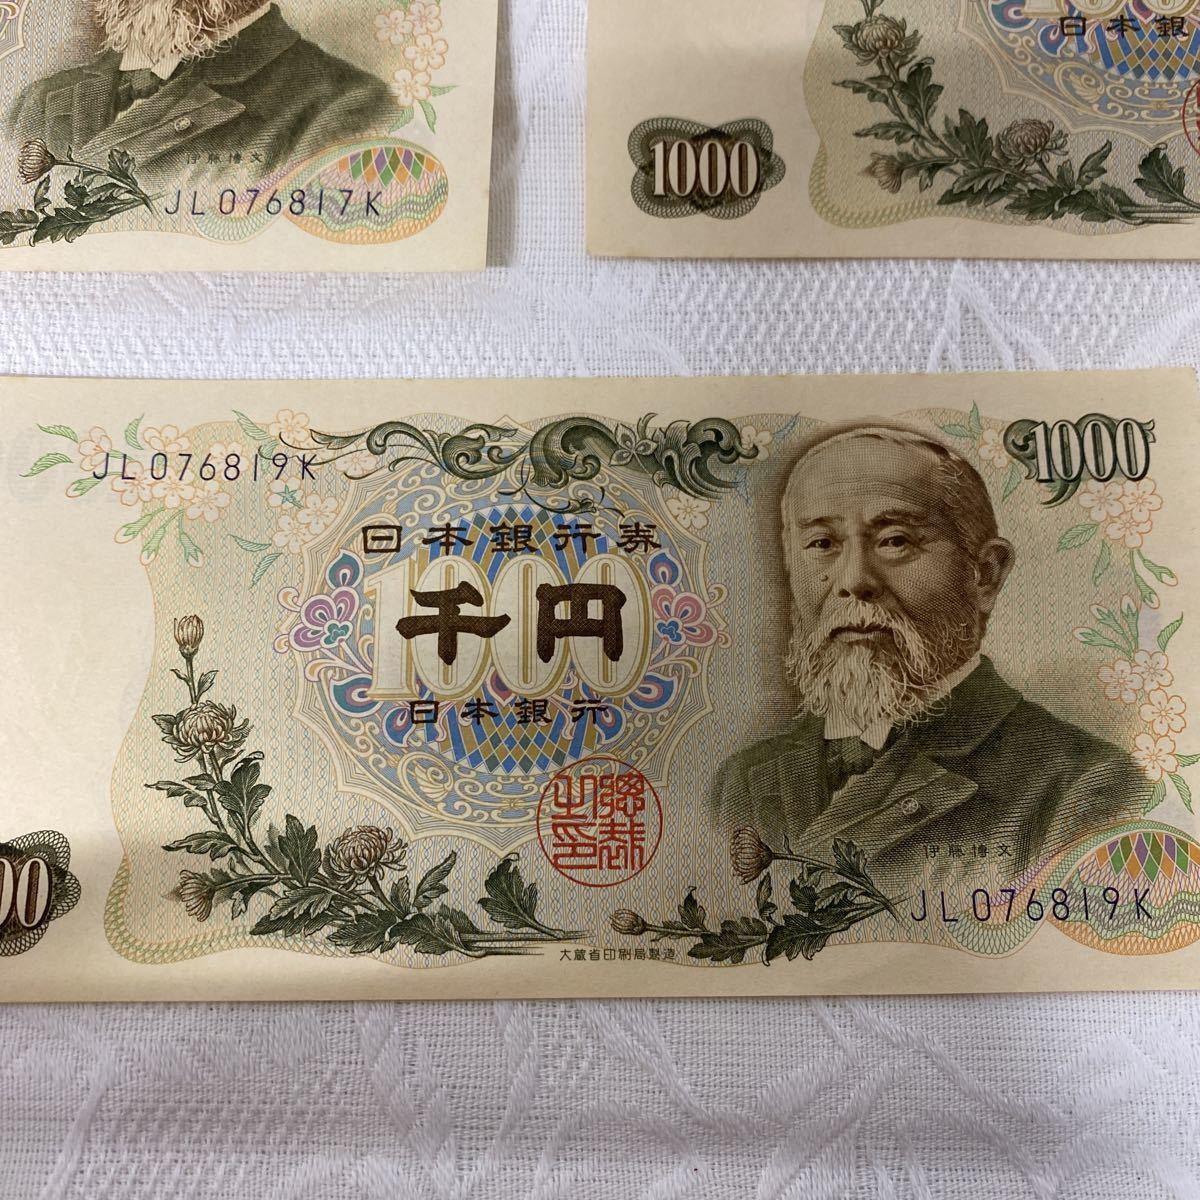 旧紙幣 千円札 伊藤博文 連番 ピン札_画像6